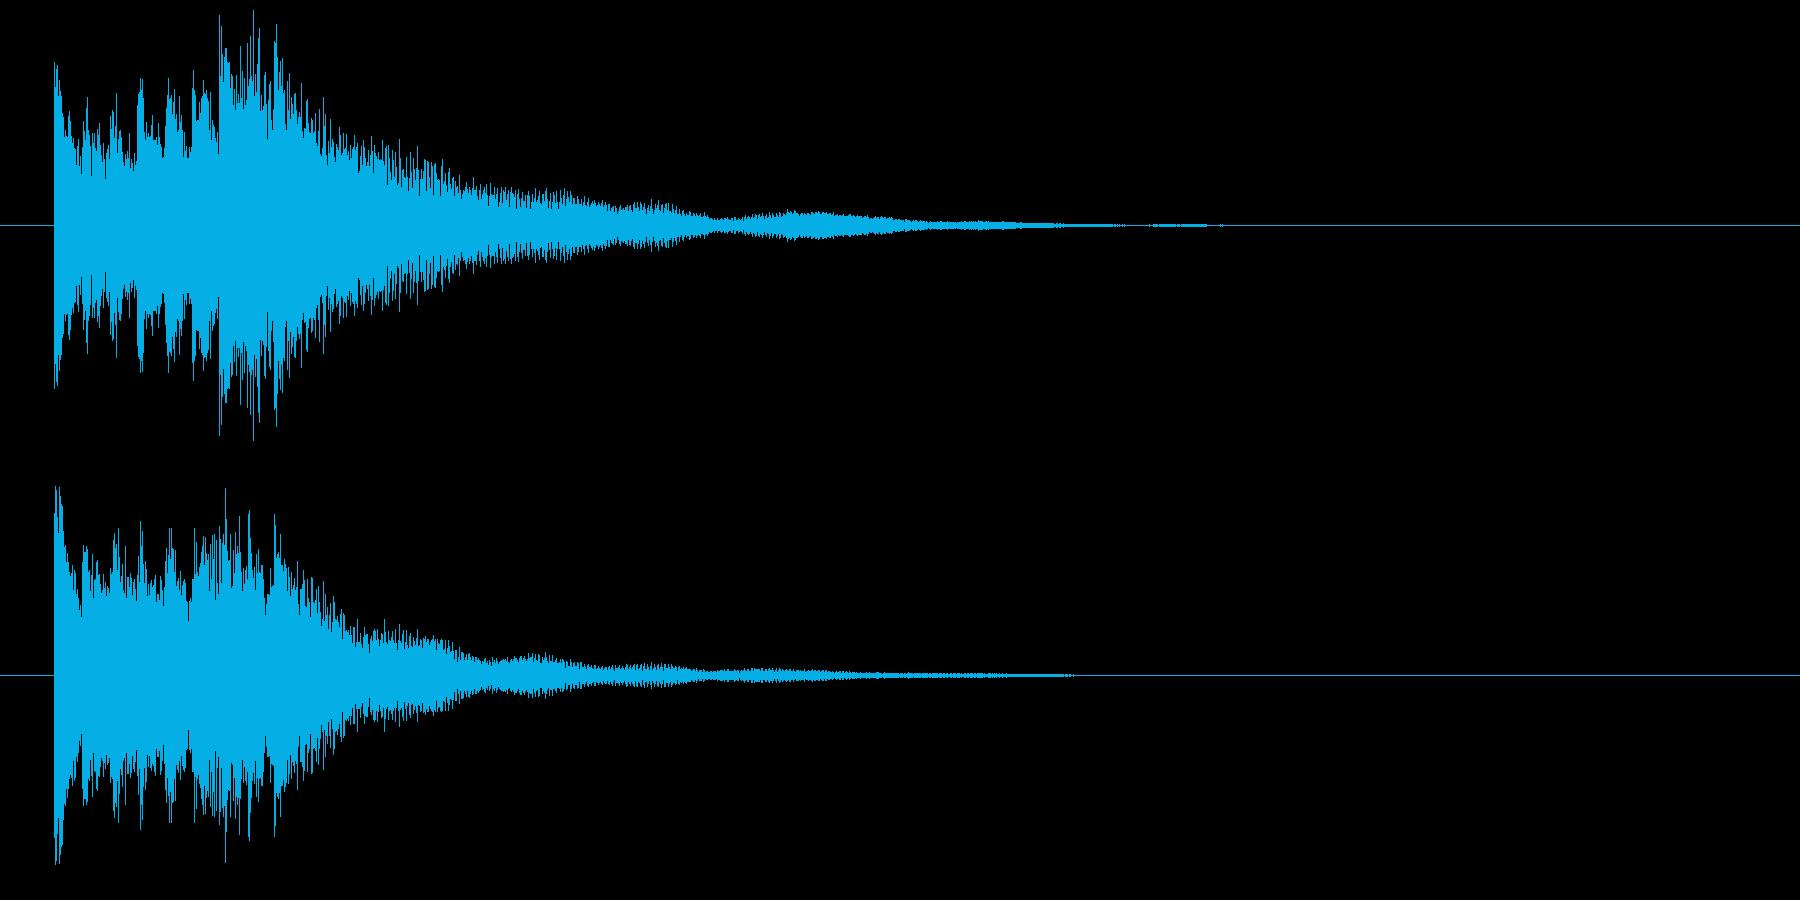 琴による和風ジングル・下行の再生済みの波形